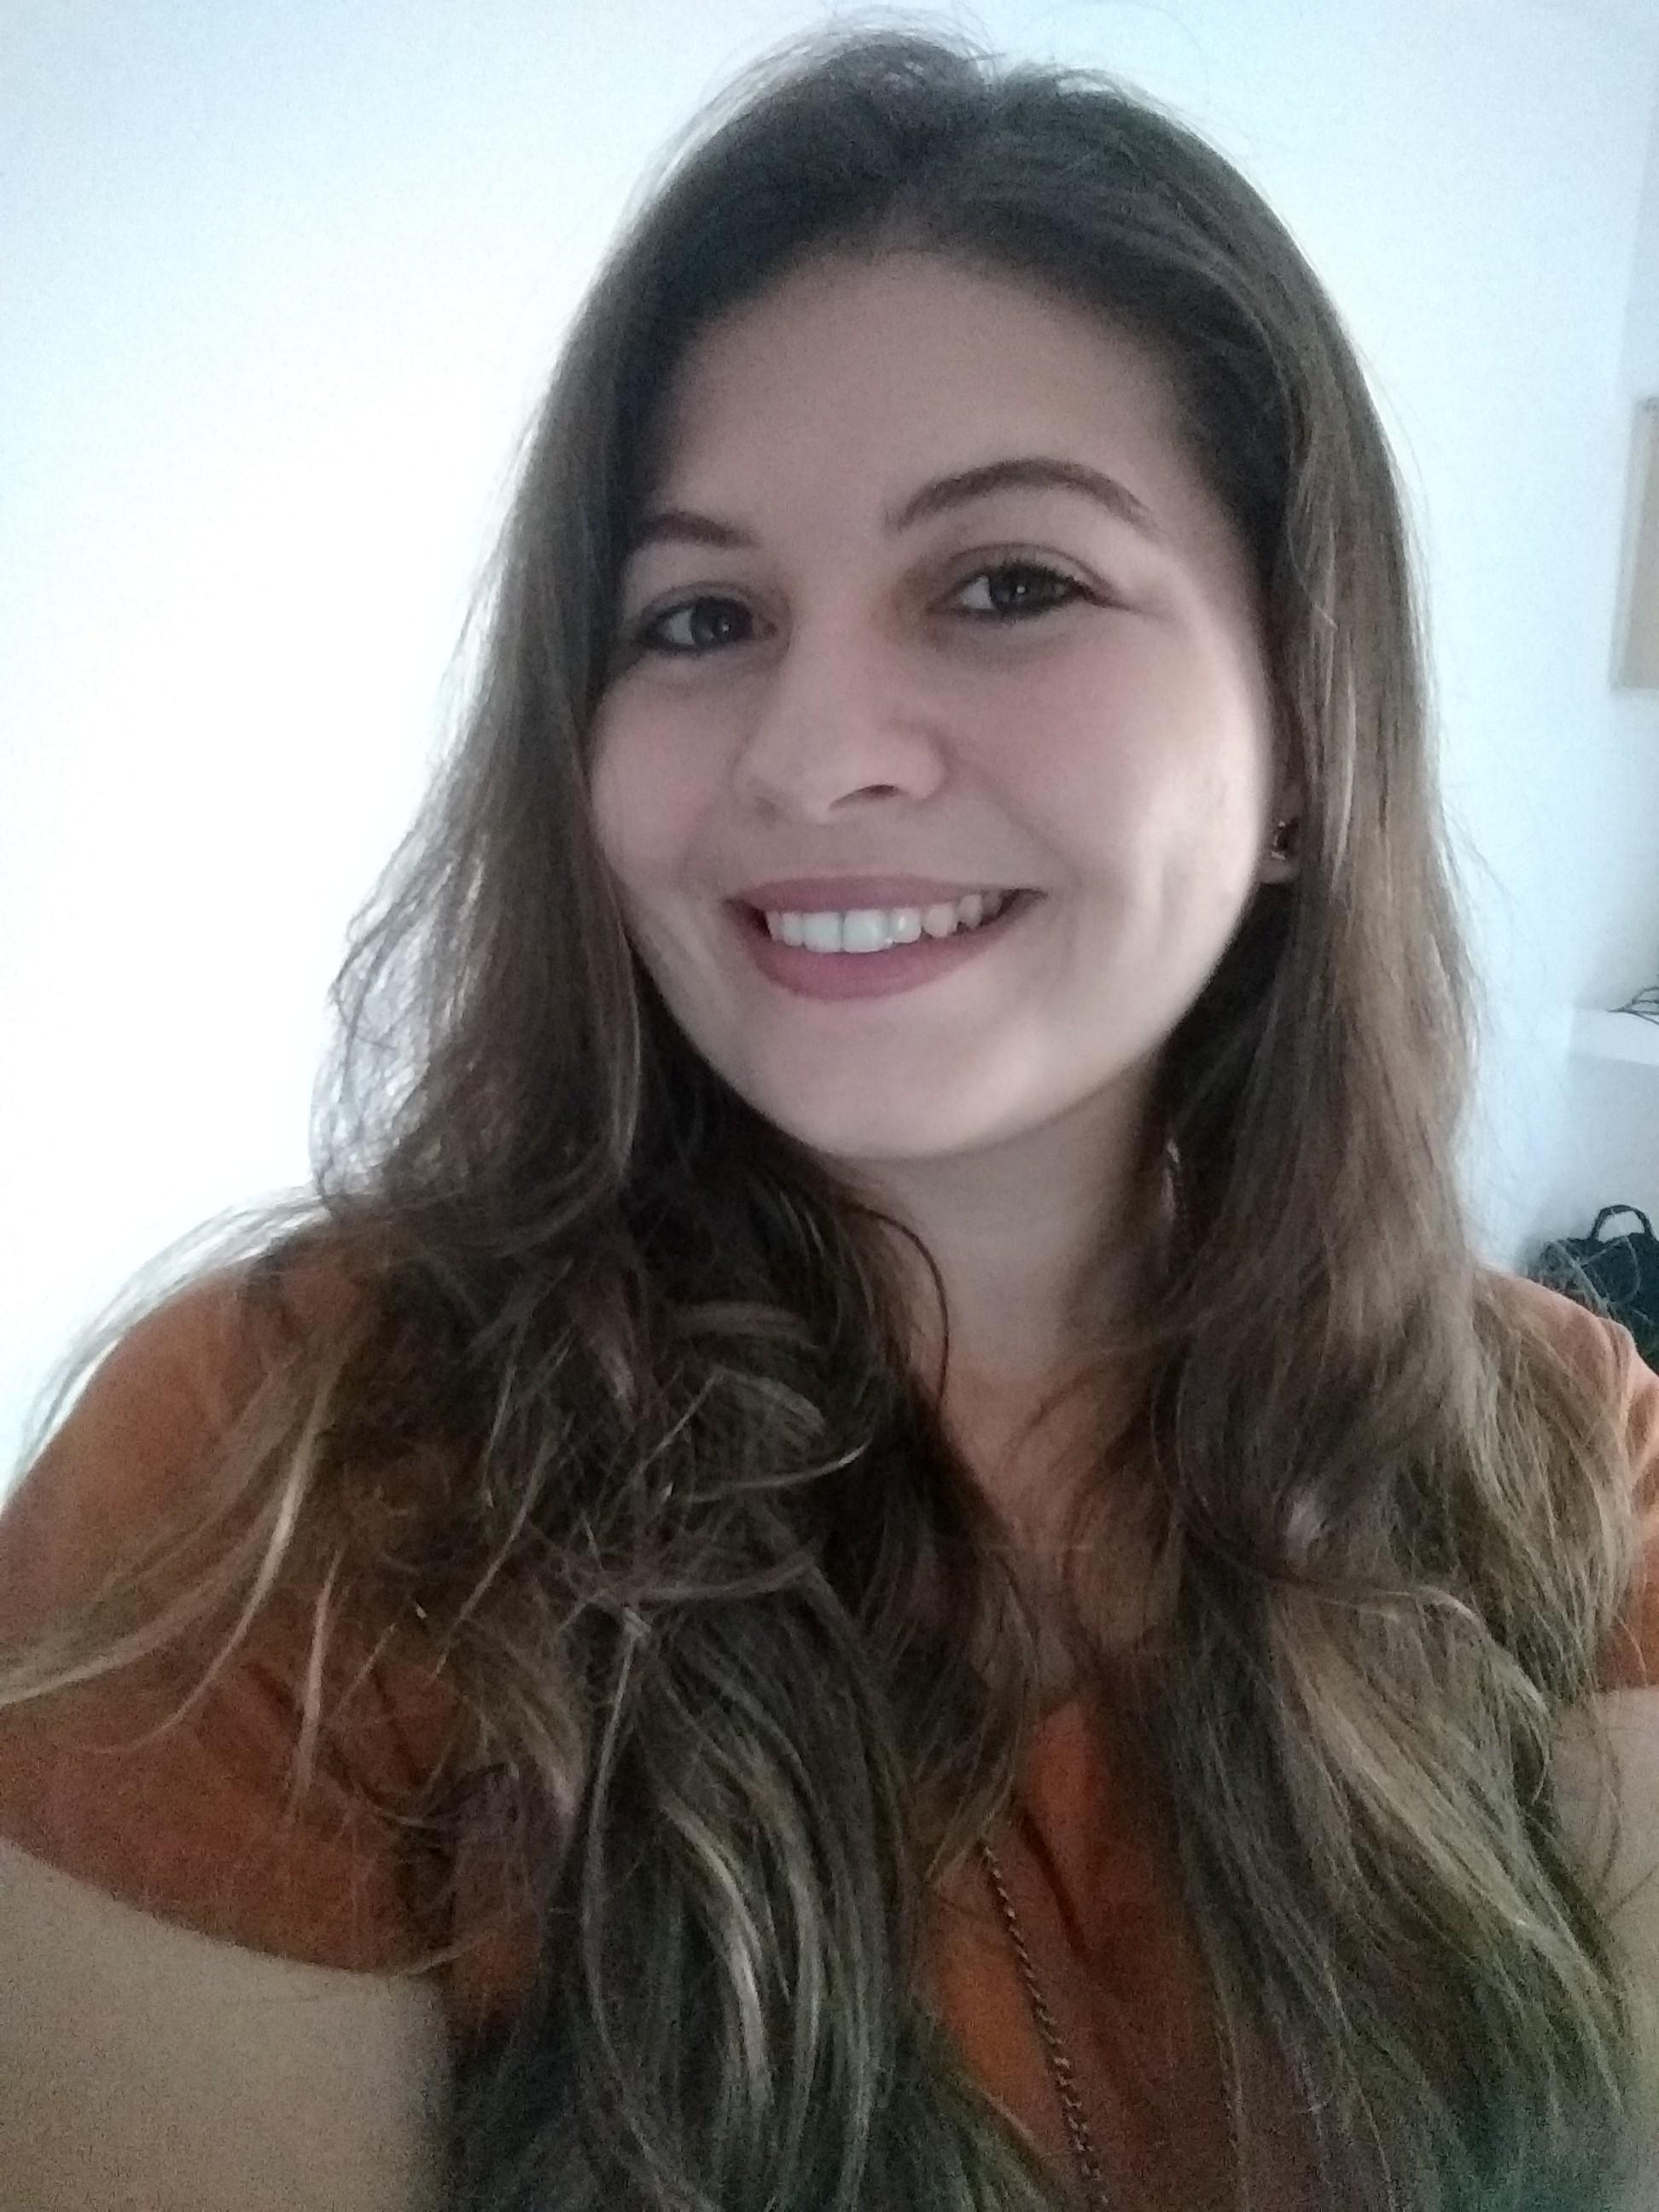 ENTREVISTA: Pollyana Carolina Morais - Aprovada no concurso BRB em 6º lugar no cargo de Escriturário